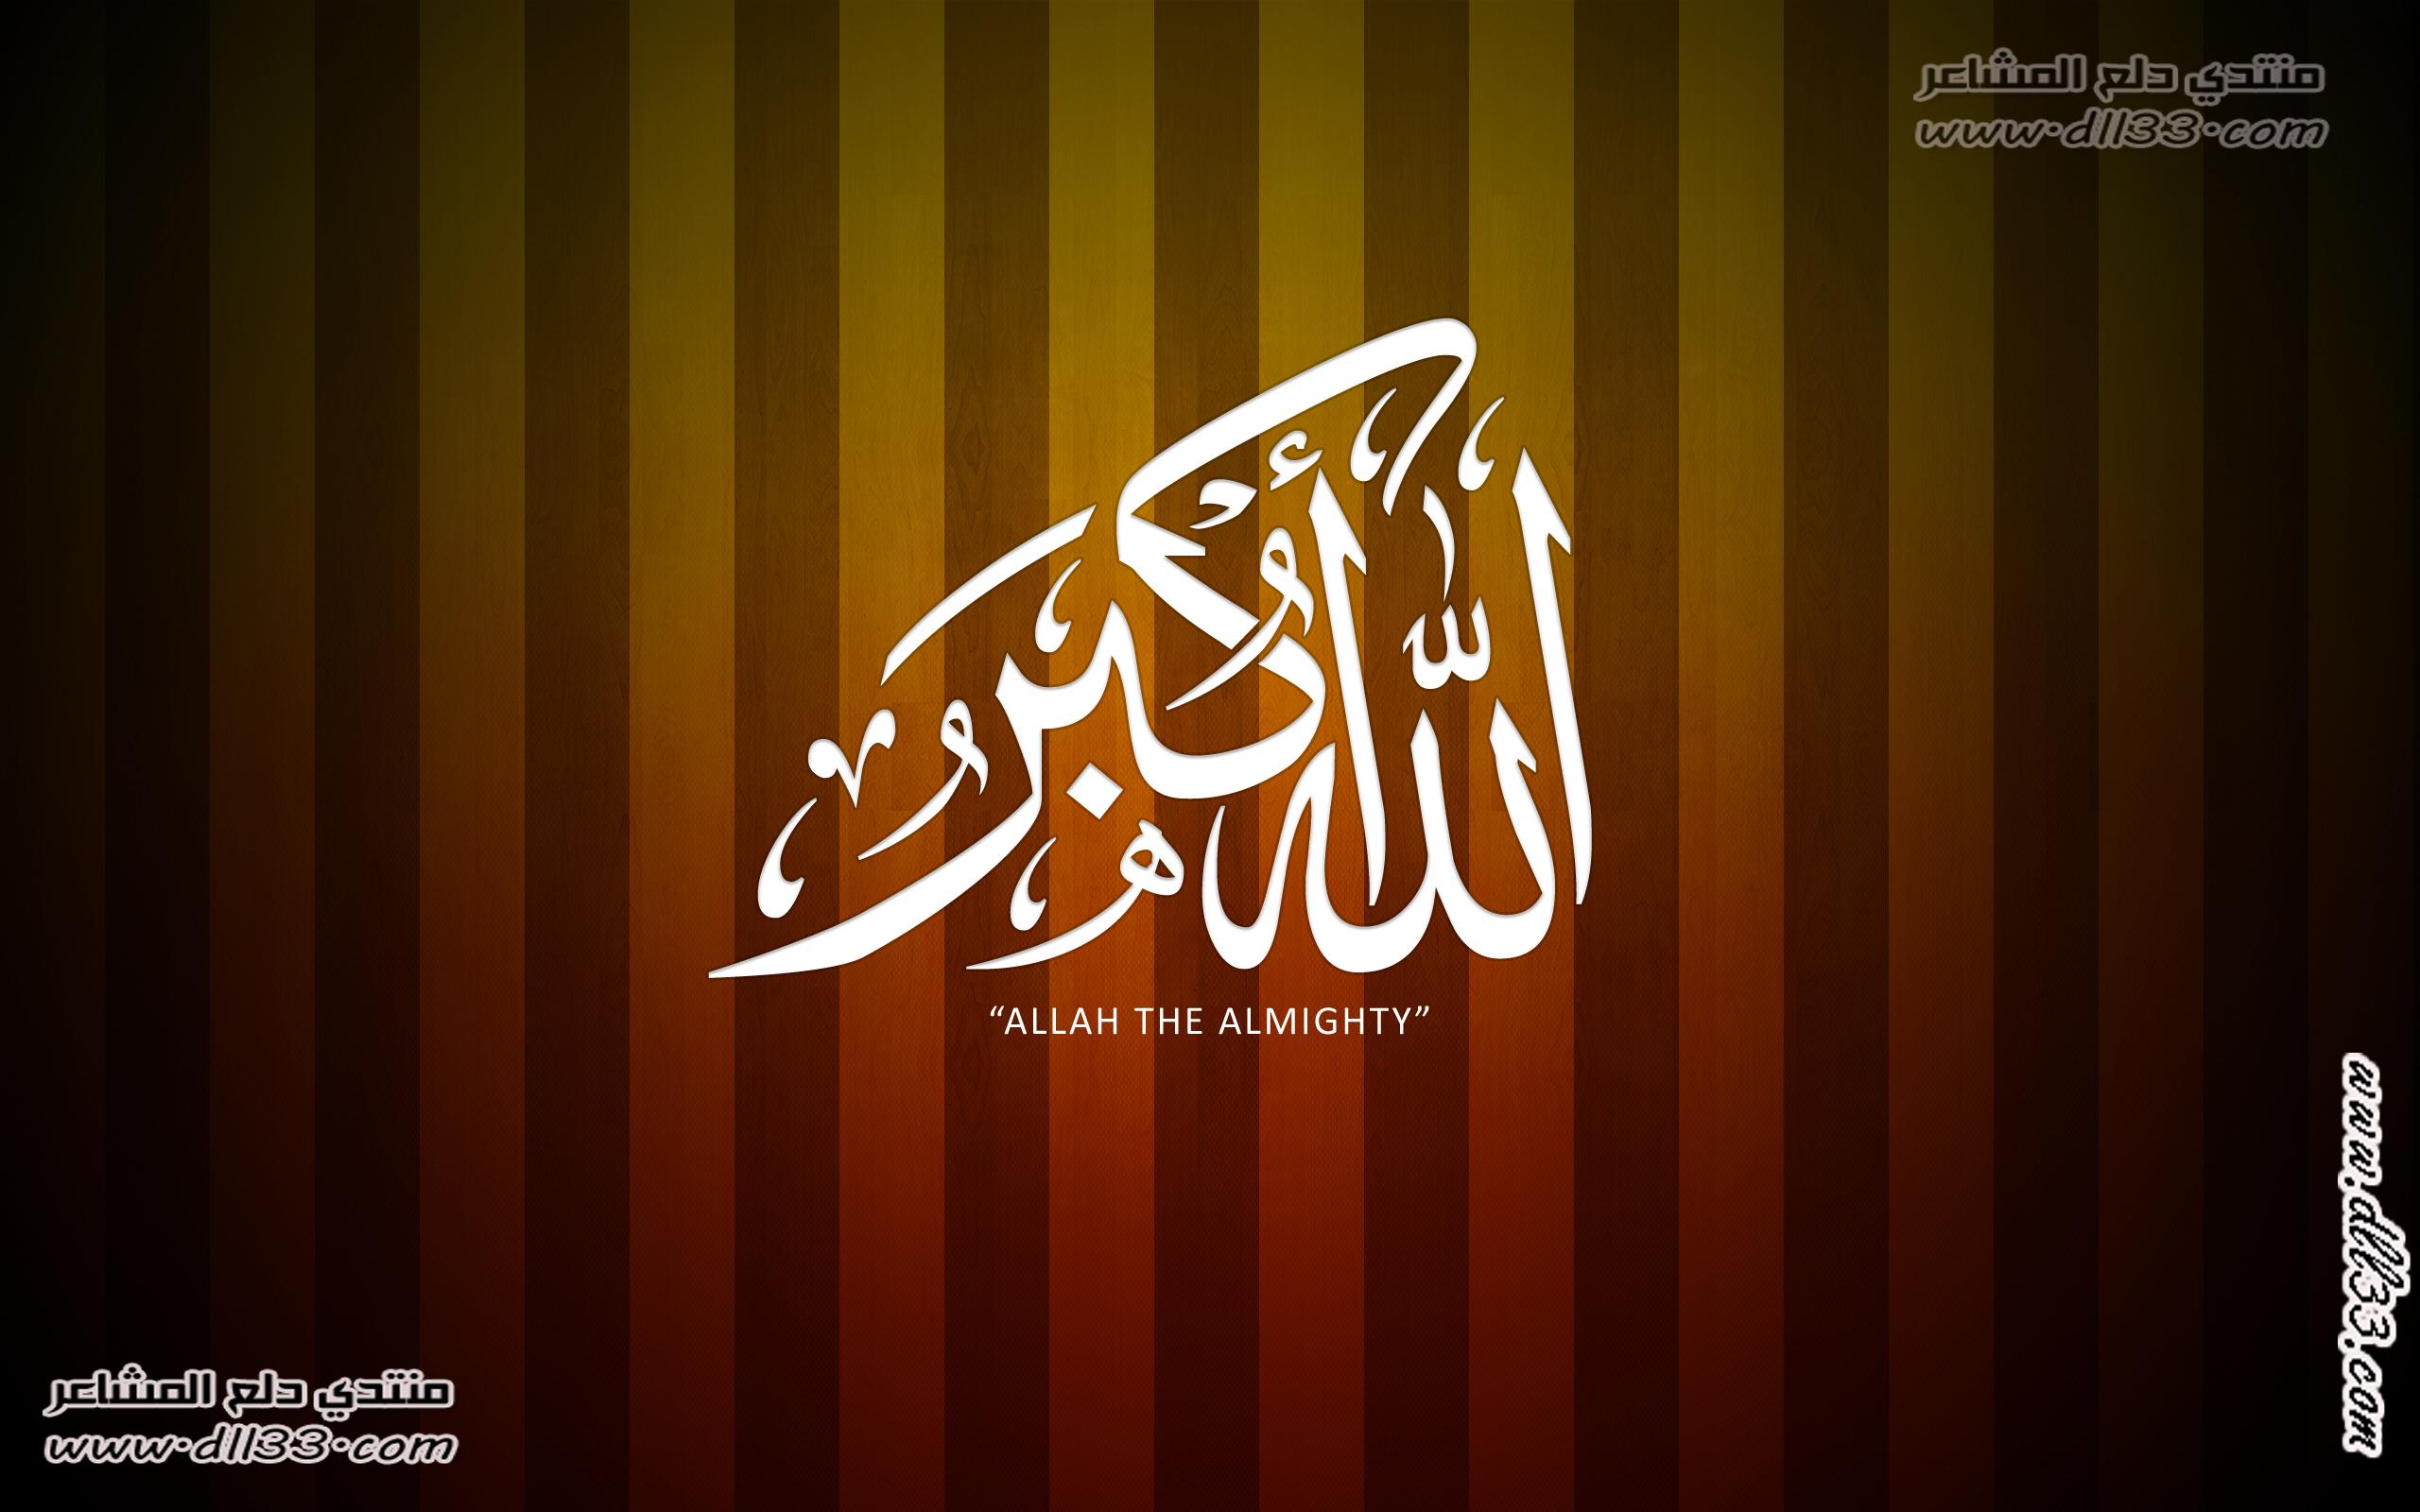 حصري - أحدث خلفيات اسلامية 2014 ، خلفيات دينية لسطح المكتب 2014 ، احلي خلفيات اسلامية 1408181254092.jpg